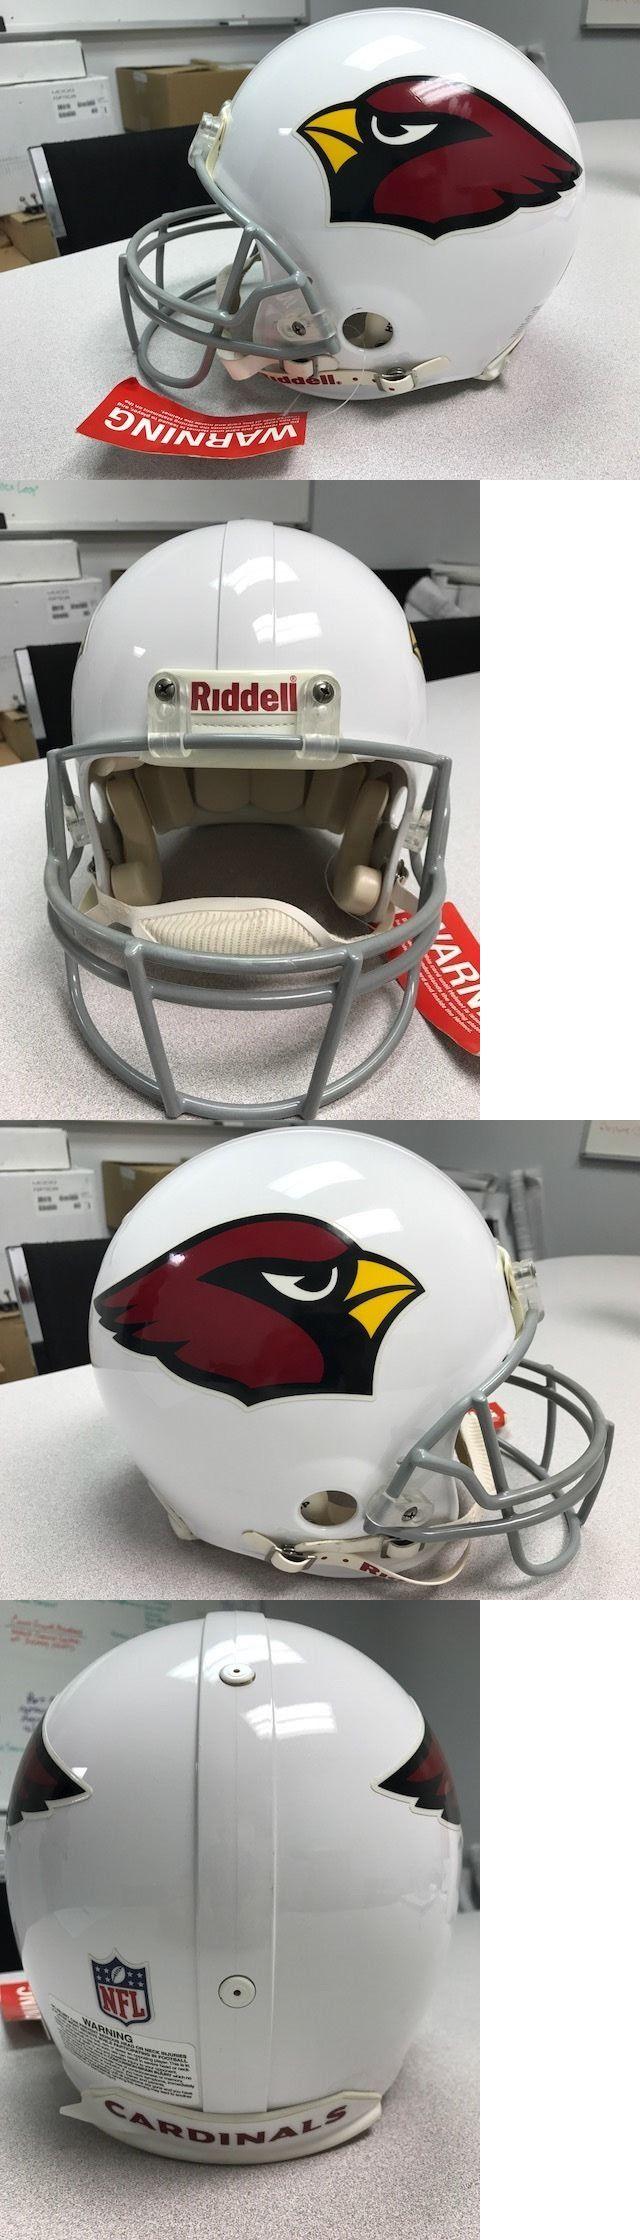 Helmets and Hats 21222: Arizona Cardinals Riddell Vsr4 Proline Football Helmet Pat Tillman -> BUY IT NOW ONLY: $100 on eBay!